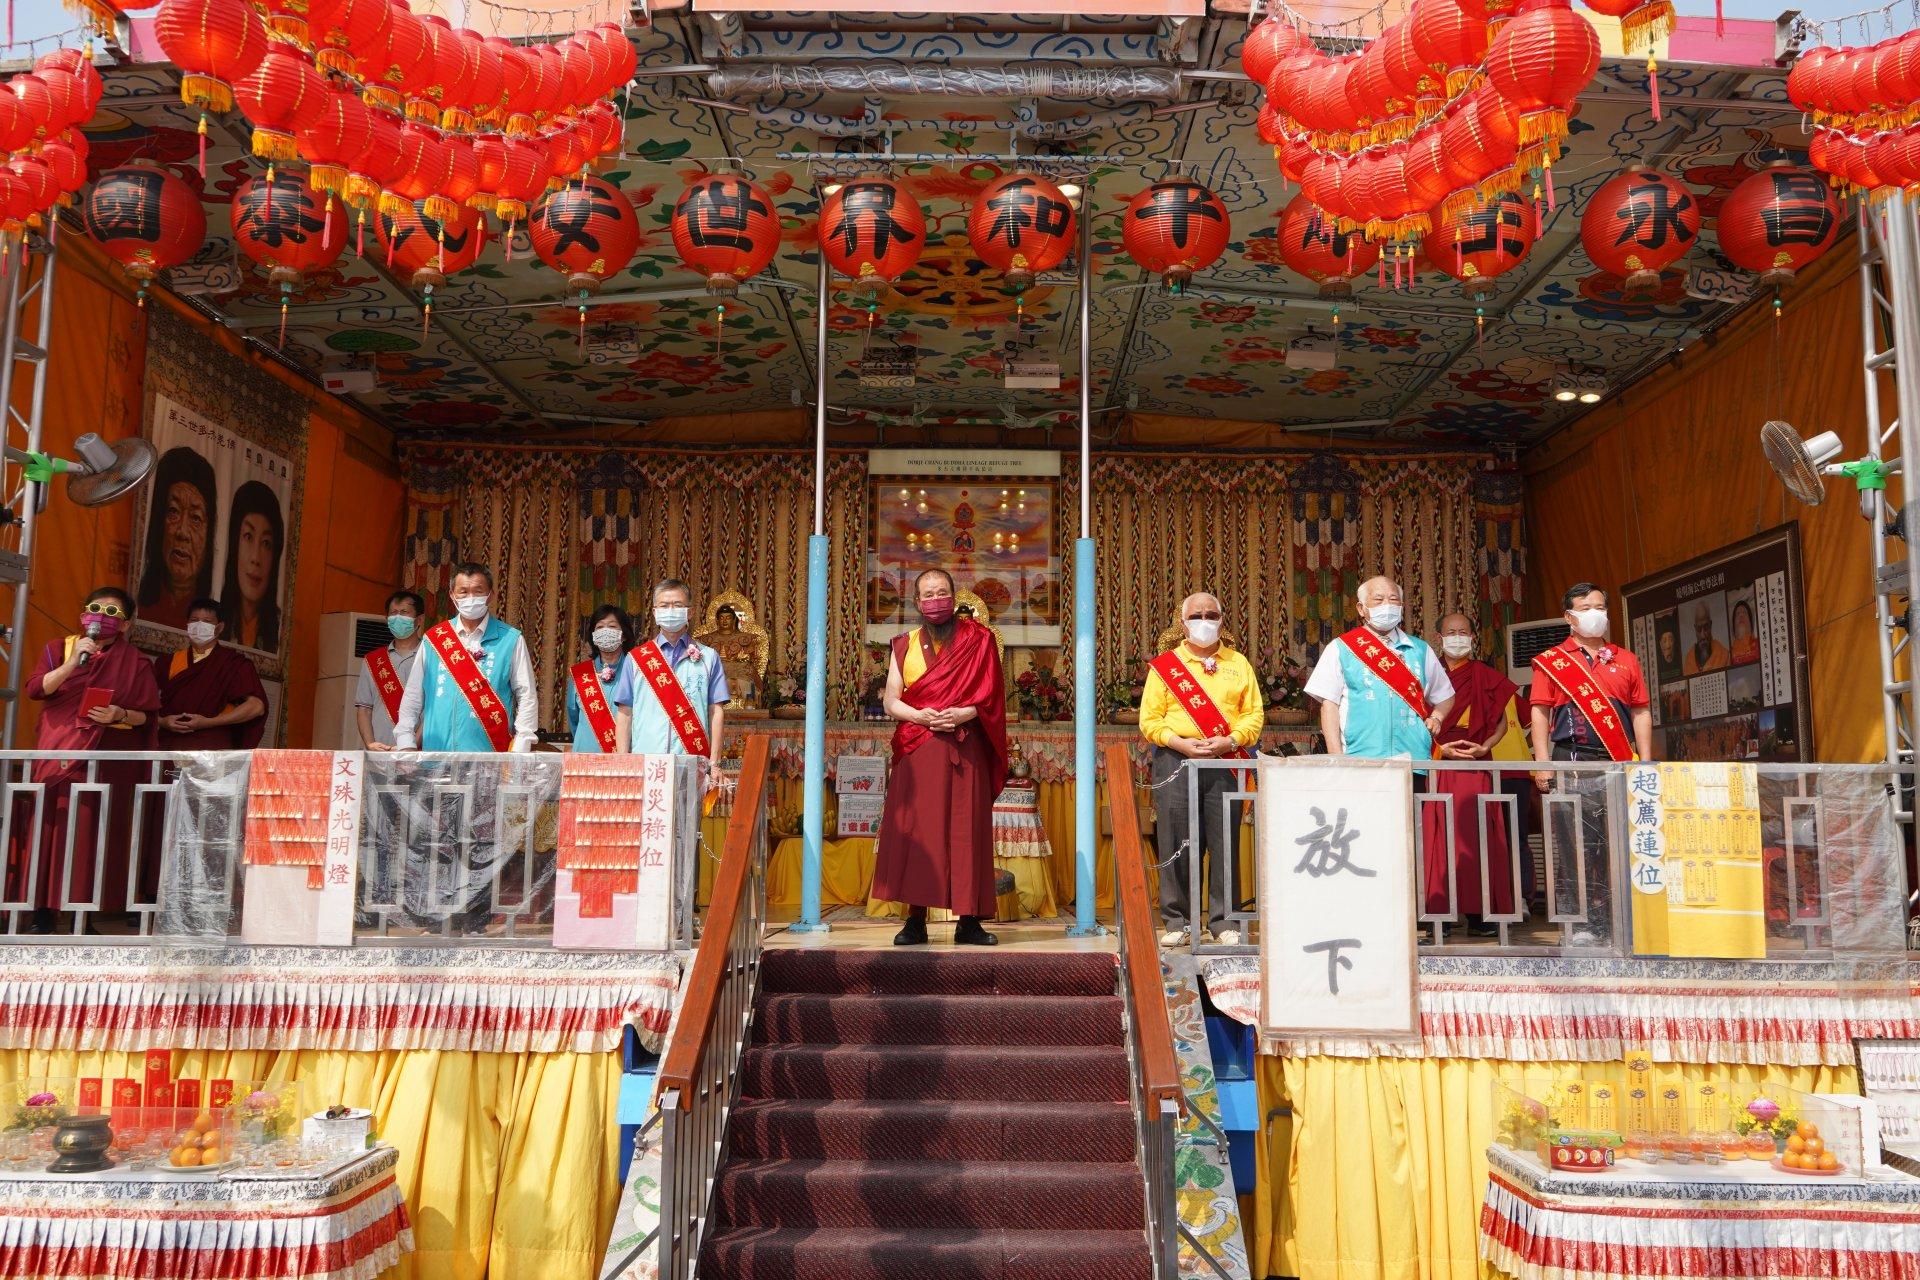 行動佛殿128站高雄路竹,本會指導上師恆性嘉措仁波且(中)感謝貴賓蒞臨祈福